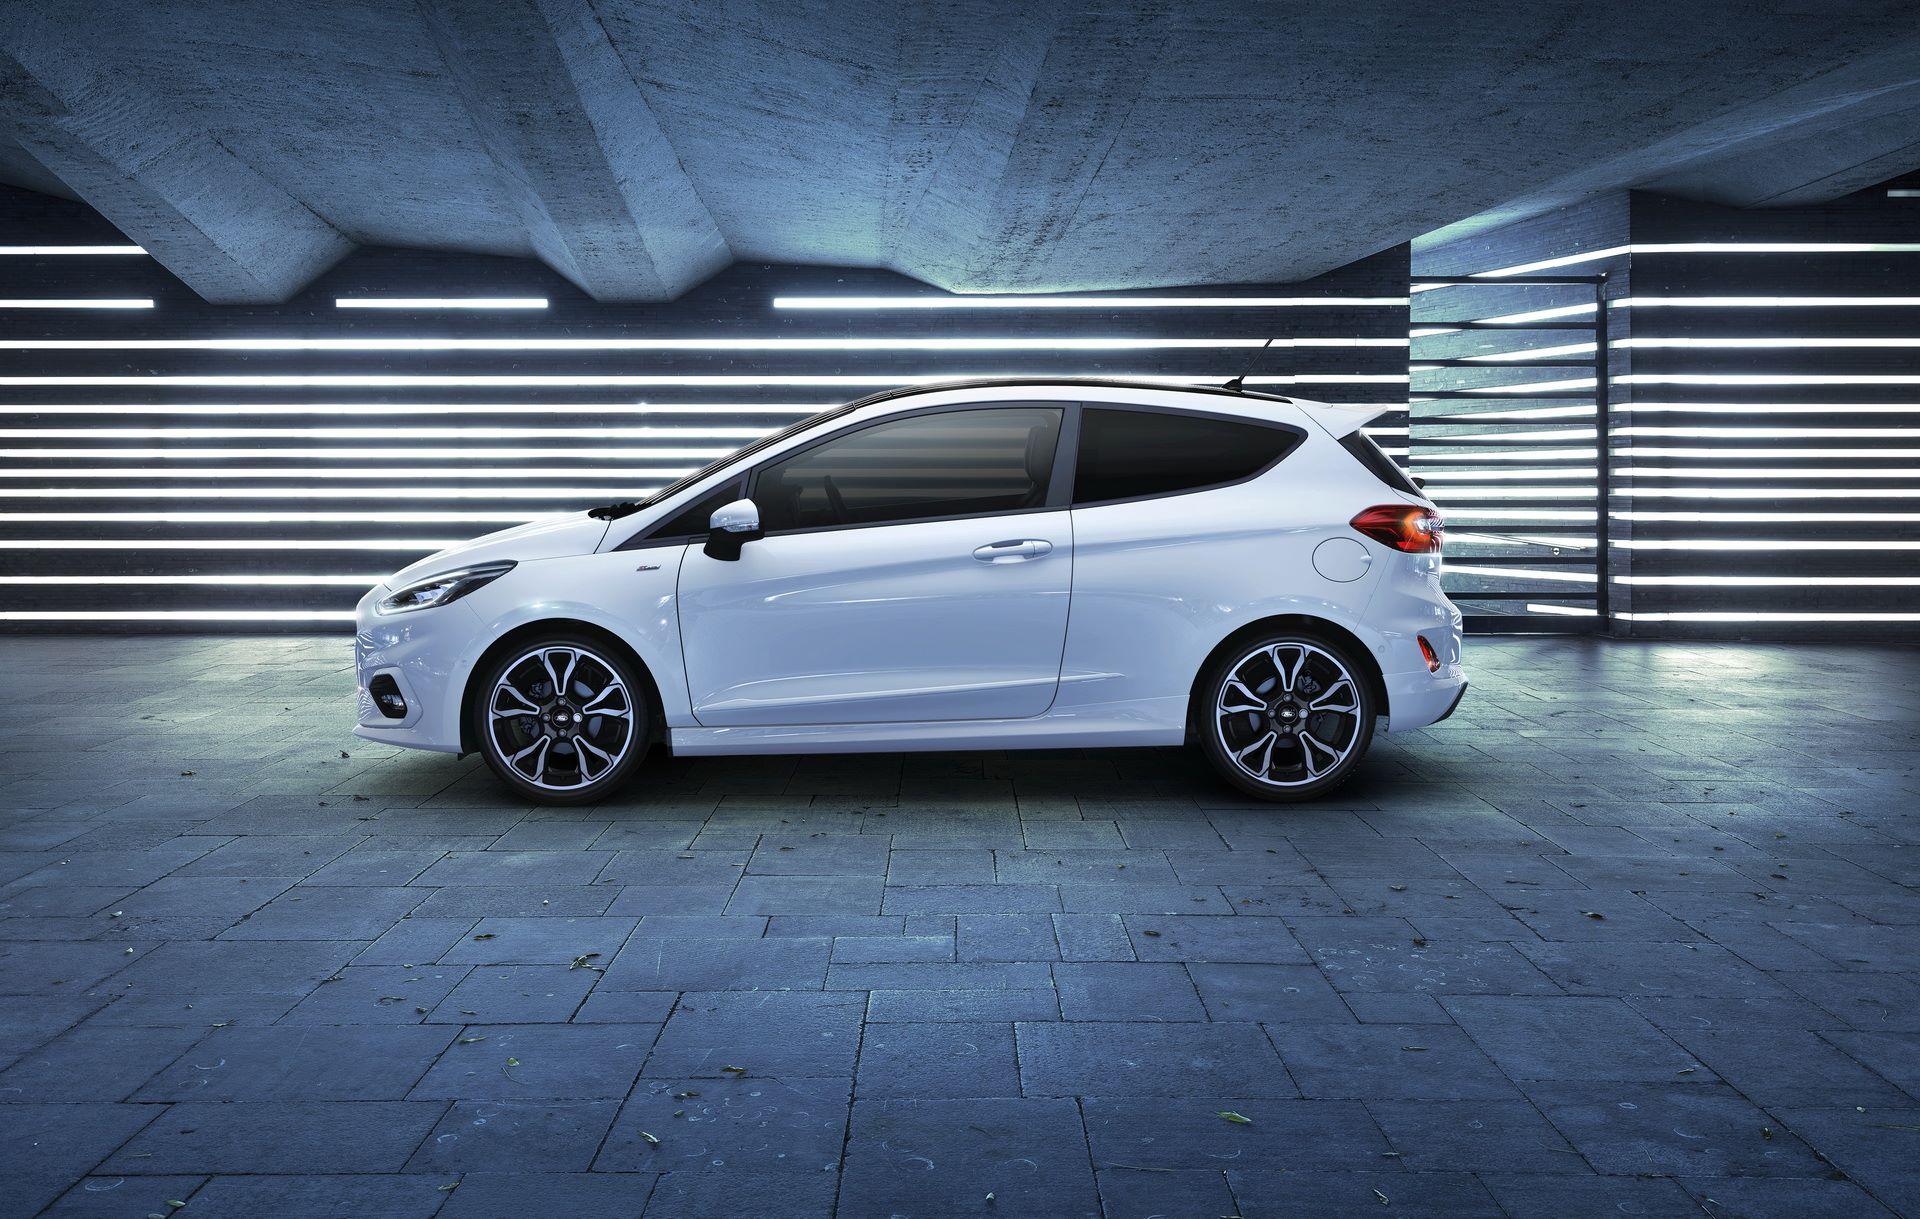 Ford-Fiesta-Fiesta-Van-Mild-Hybrid-1